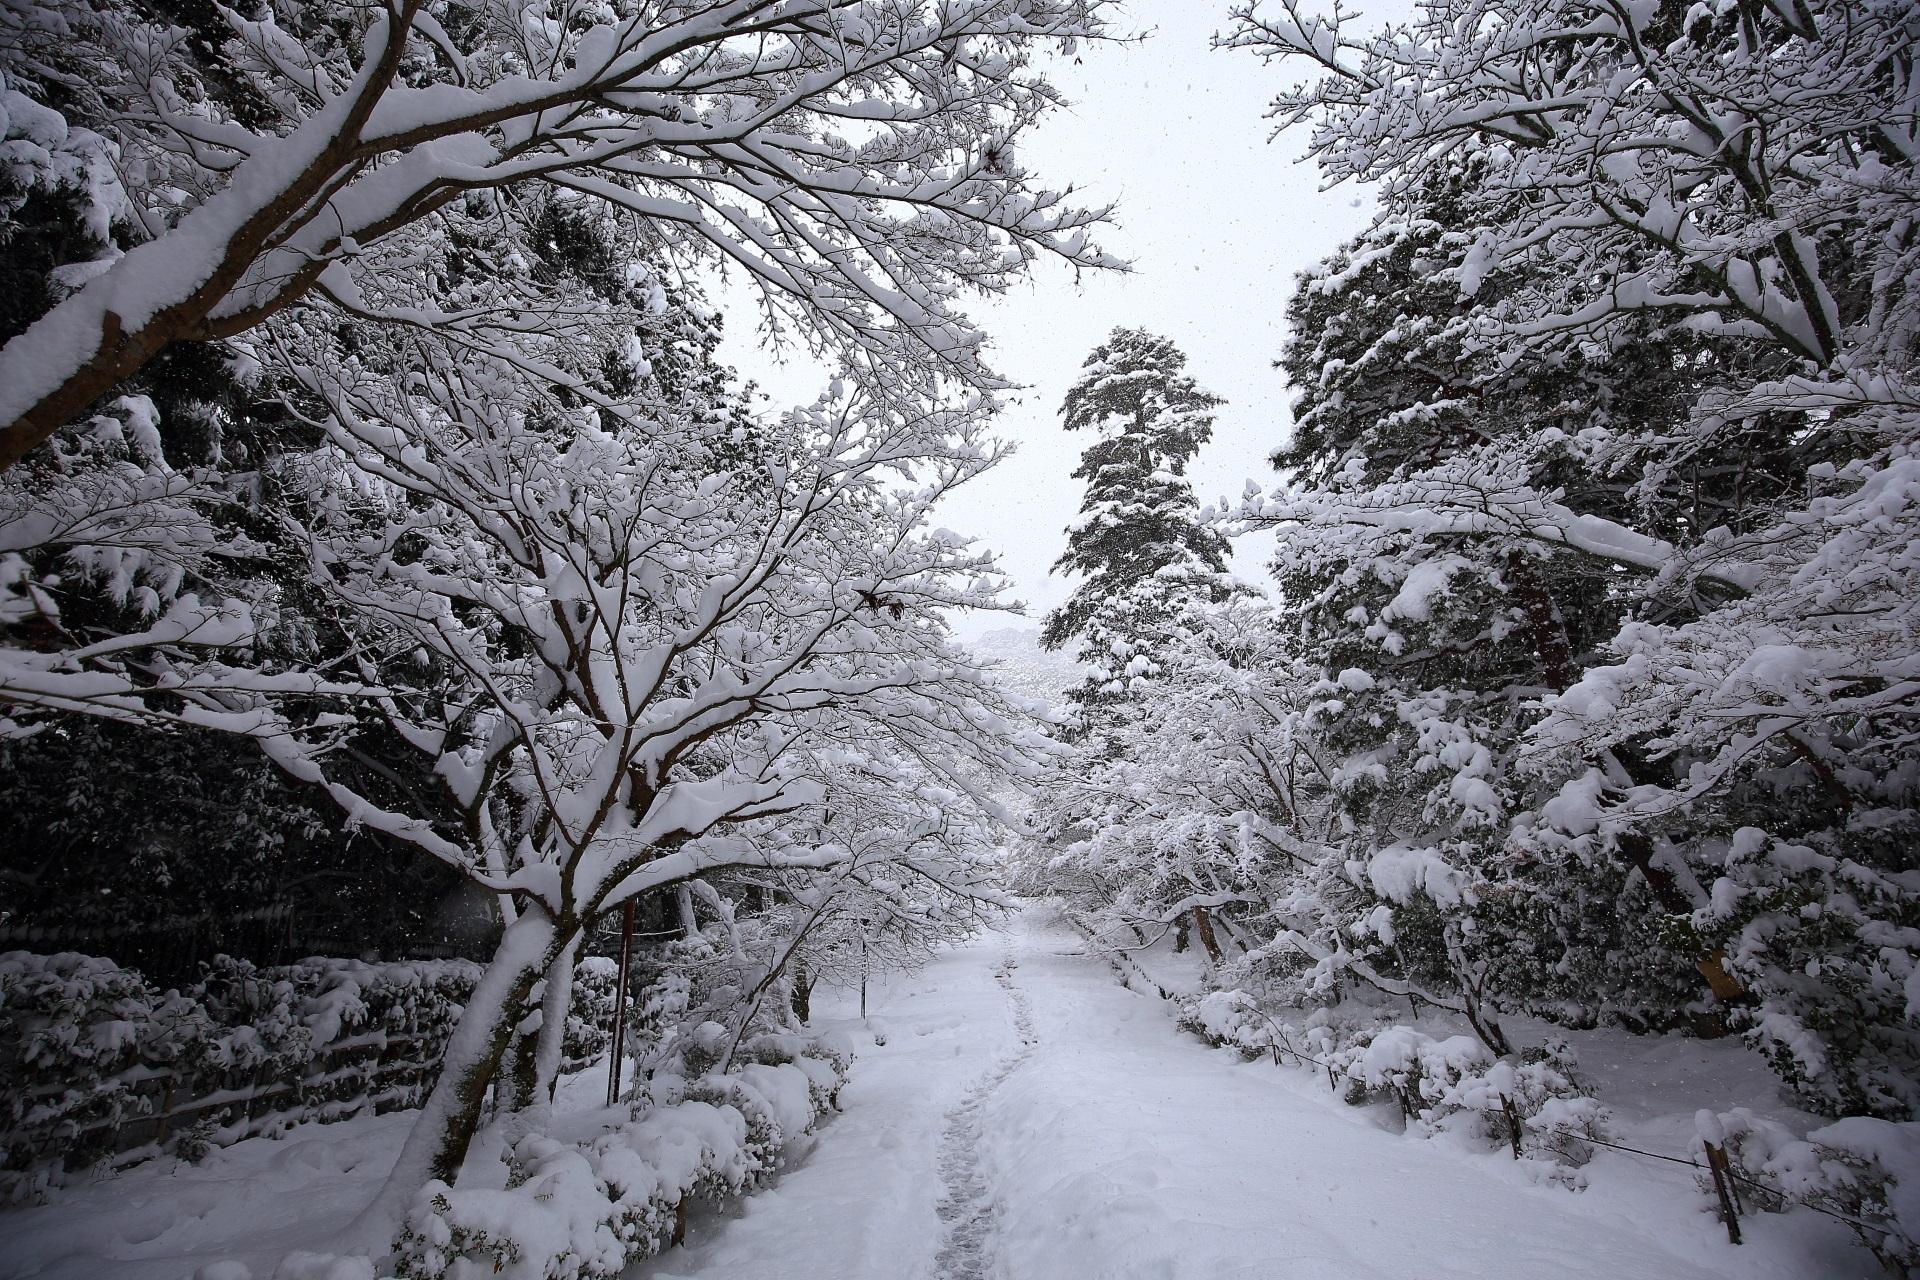 二尊院の参途の雪景色